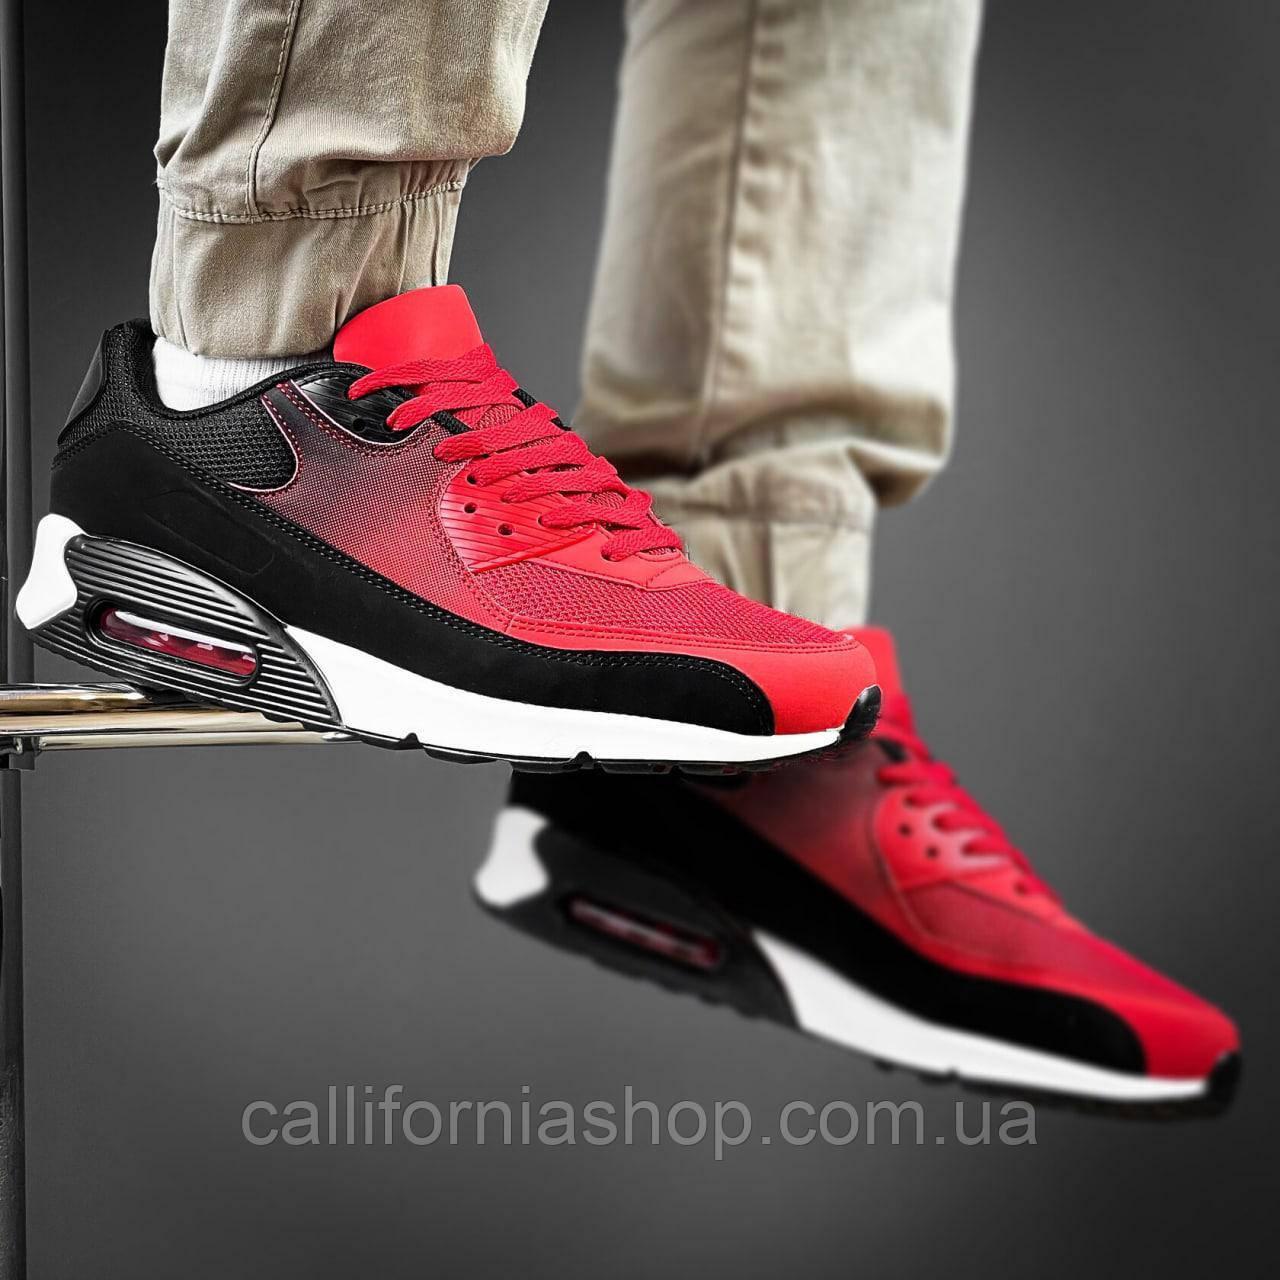 Чоловічі кросівки червоні з чорним з сіткою на білій підошві